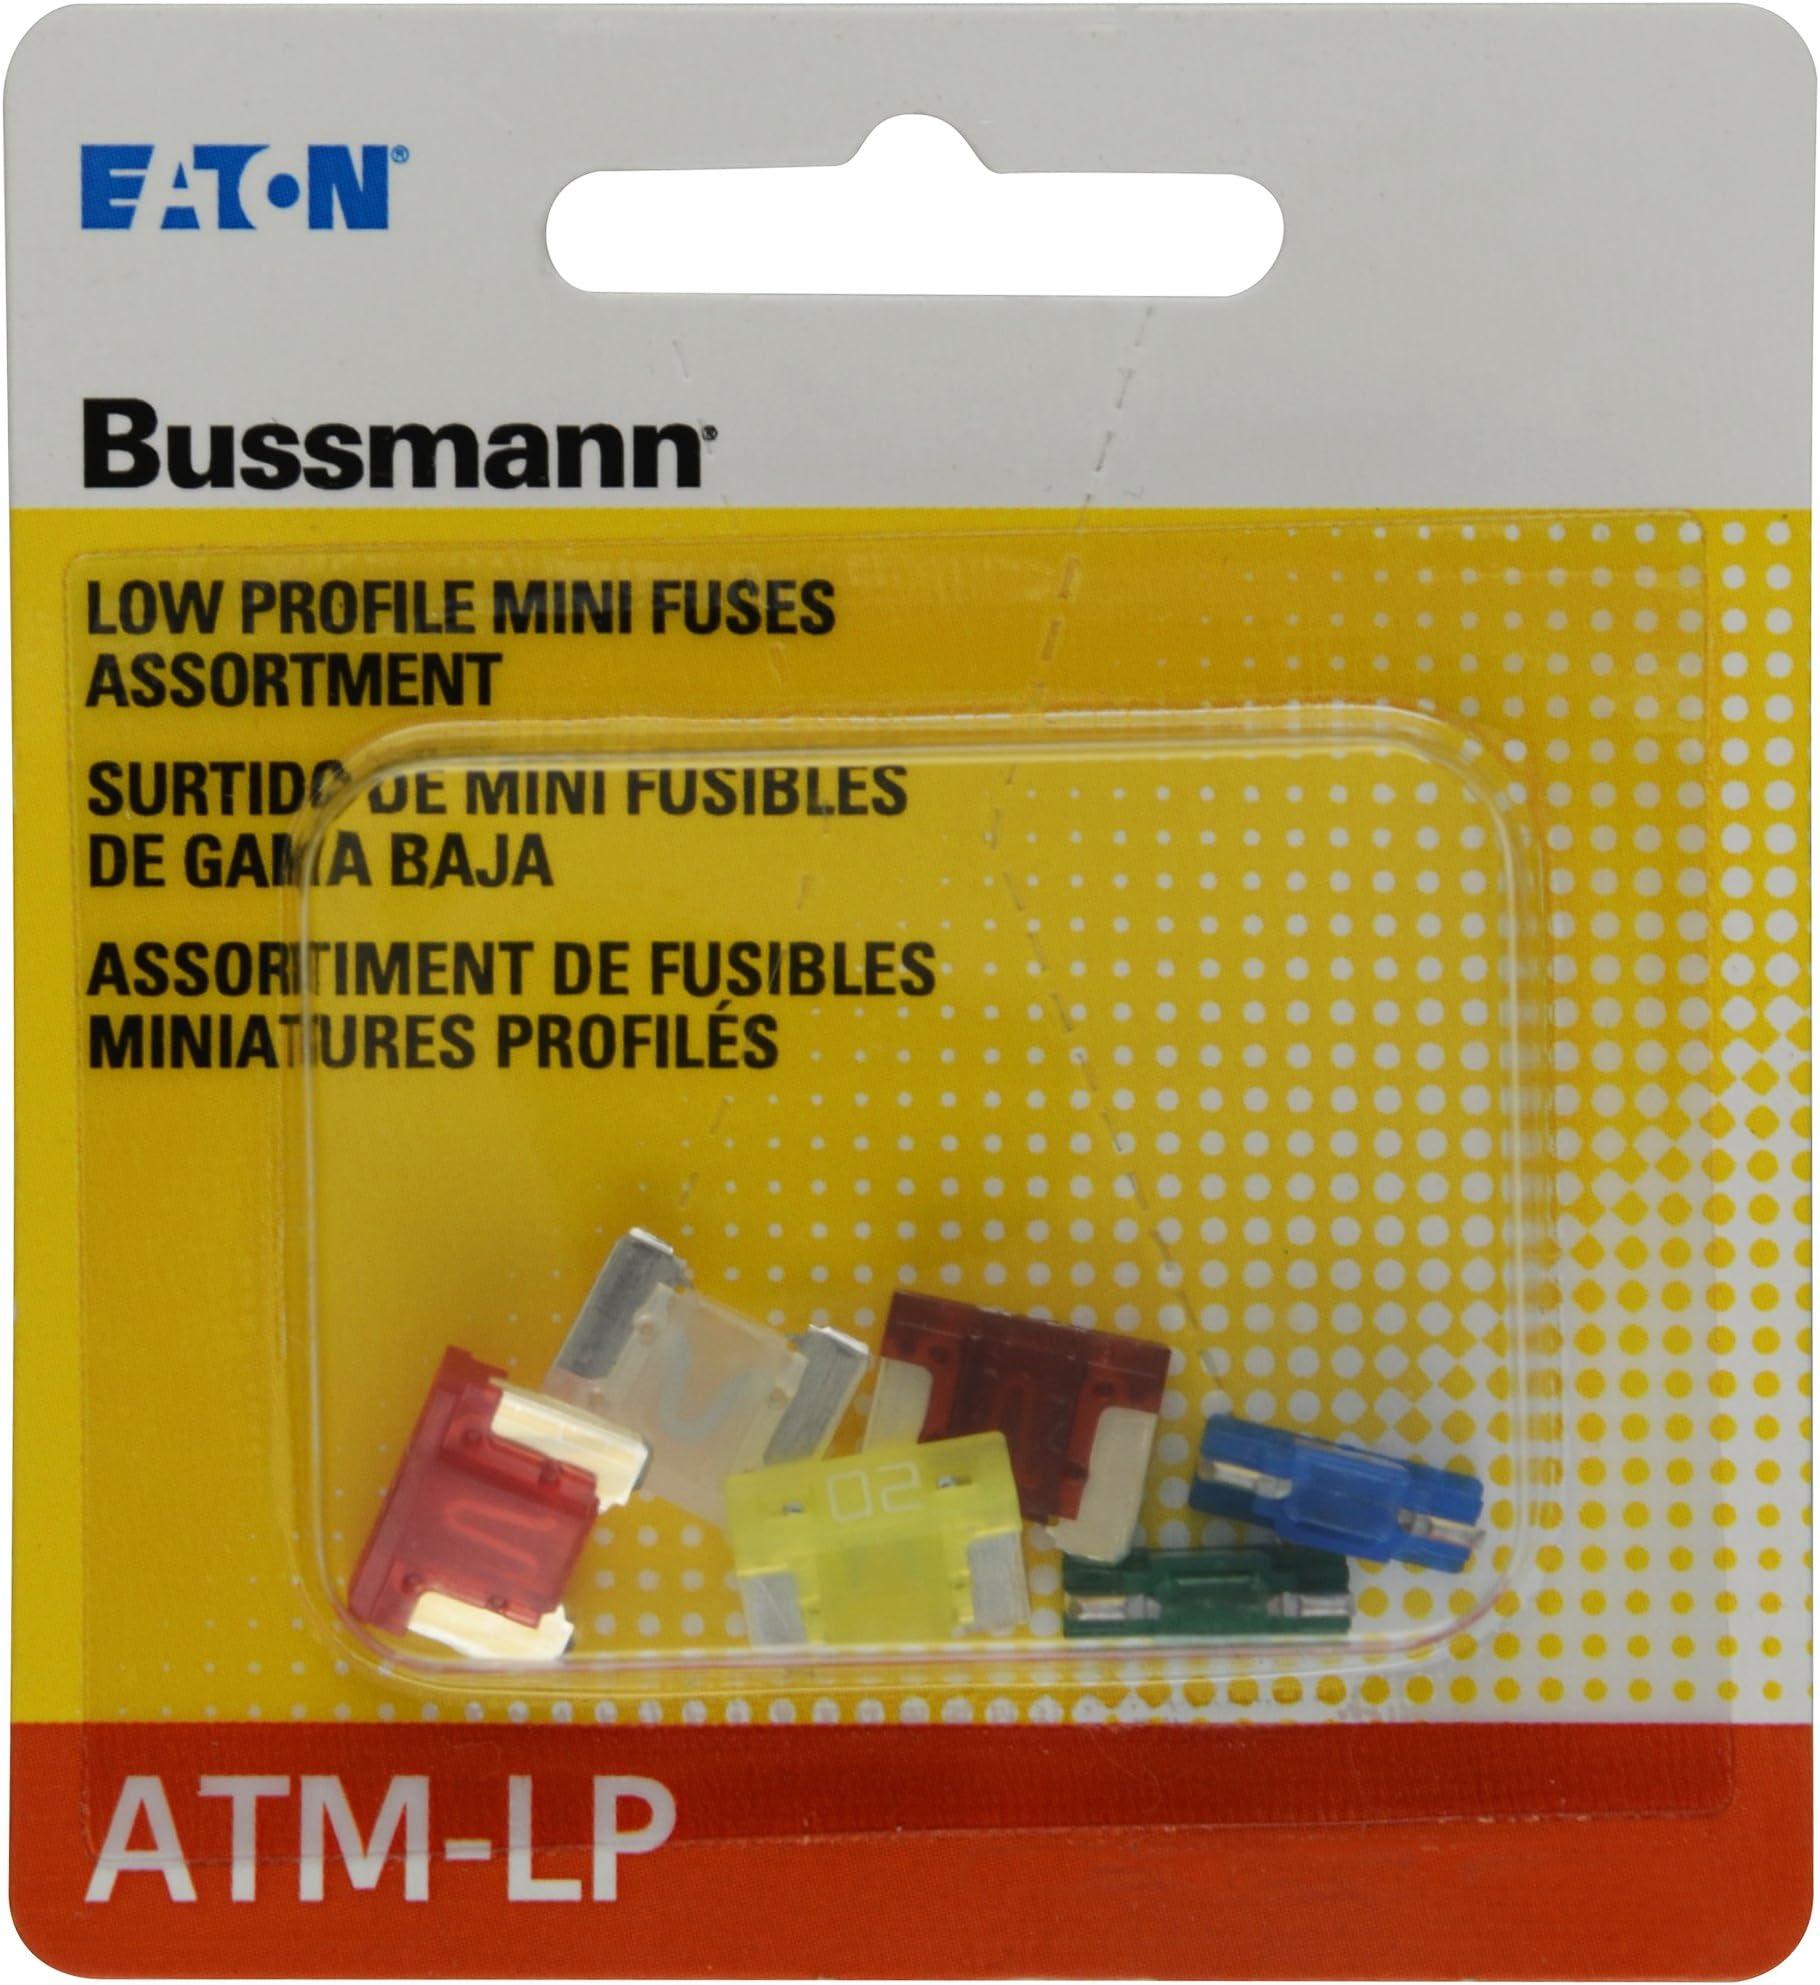 Bussmann (BP/ATM-A6LP-RP) ATM-LP Low Profile Fuse Assortment - 6 Piece